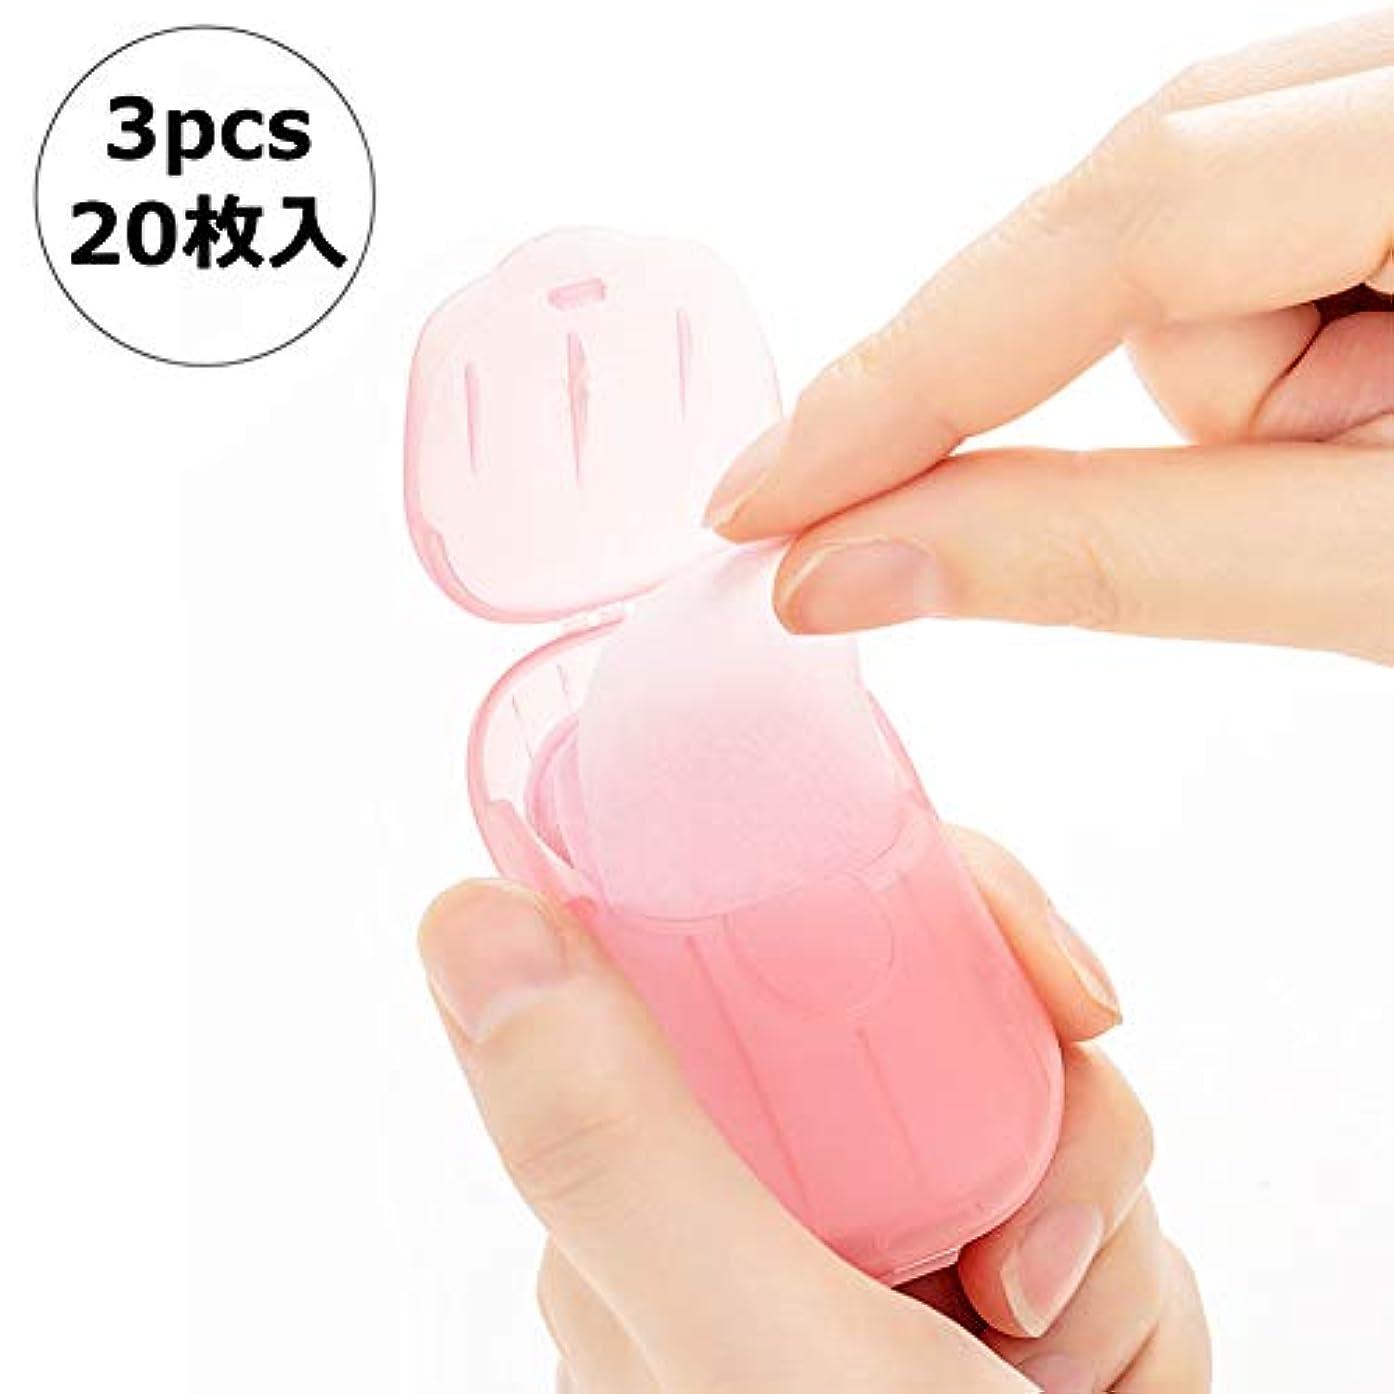 競争外側識別NITIUMI ペーパーソープ 除菌 香り 石鹸 手洗い/お風呂 旅行携帯用 紙せっけん 20枚入 ケース付き カラーランダム (3個セット)